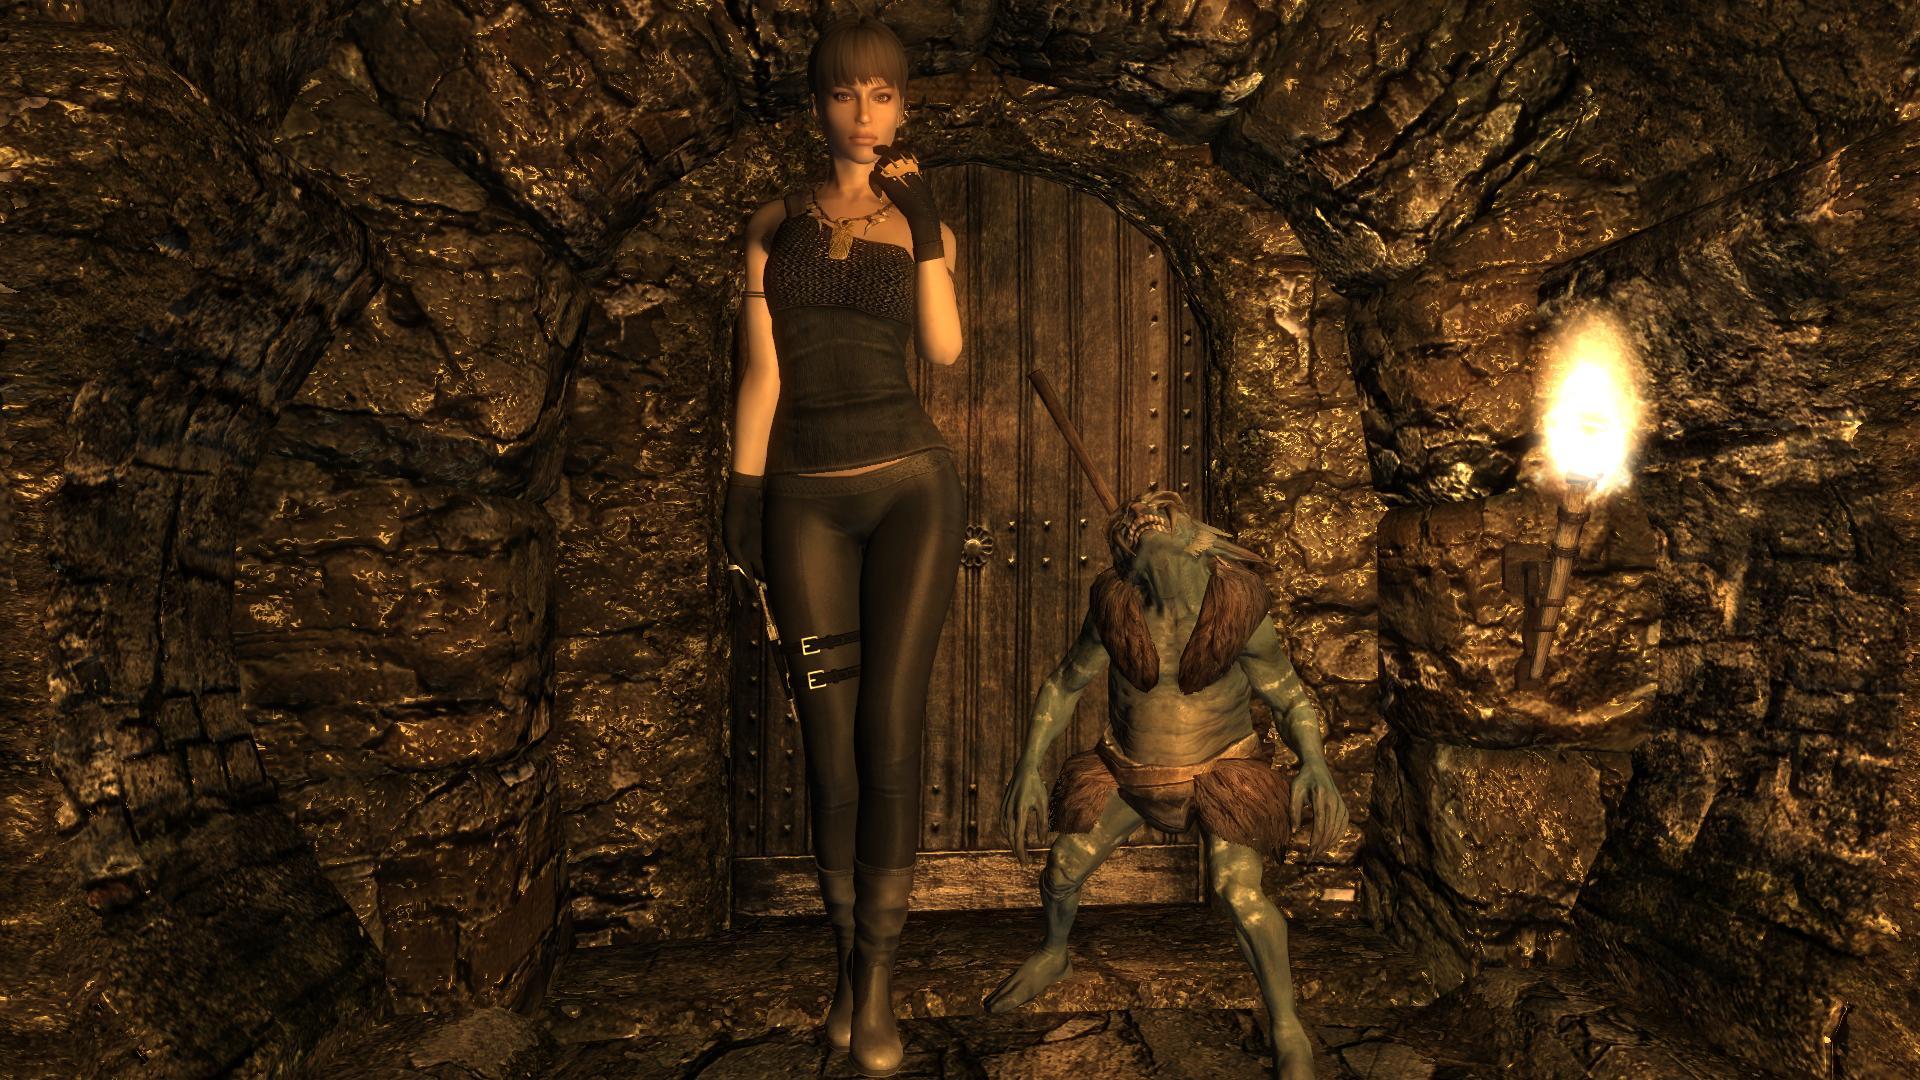 TESV_original 2018-06-26 15-28-08-10.jpg - Elder Scrolls 5: Skyrim, the